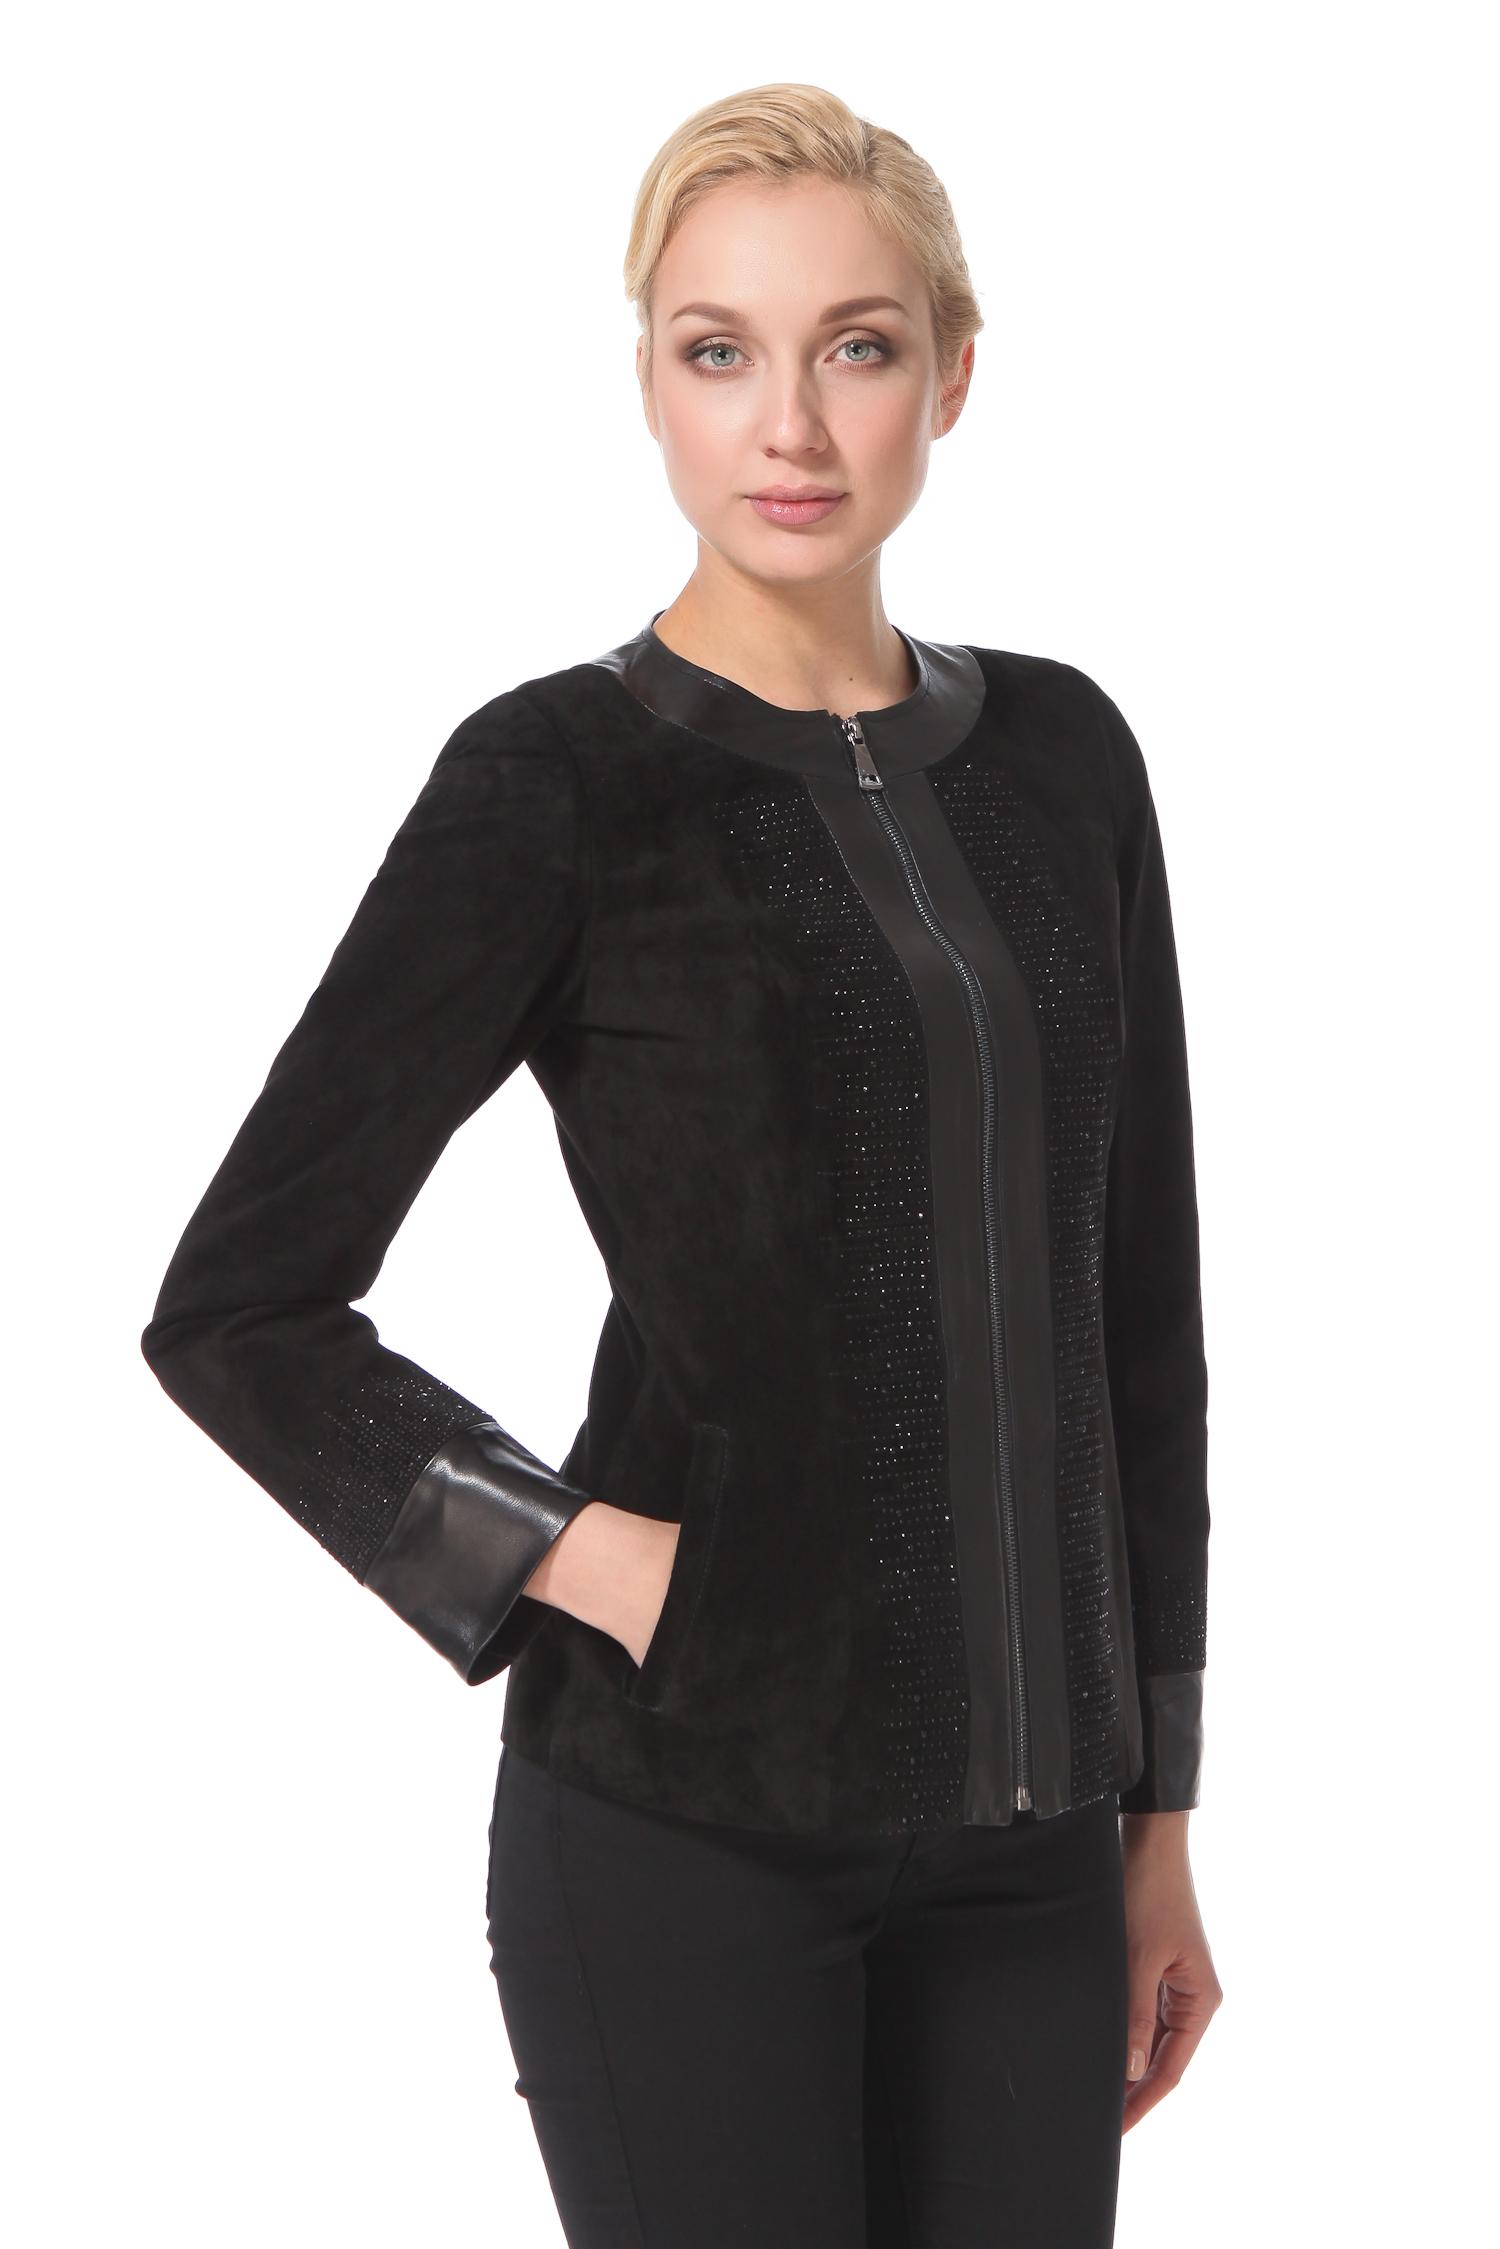 Женская кожаная куртка из натуральной замши, без отделкиЦвет-оникс.<br><br>Лучшие традии элегантной классики. Куртка выполнена из натуральной замши. Отдельные детали изделия - воротник шанель, рукава и застежка - декорированы натуральной кожей. Куртка дополнена втачными карманами. Характерная особенность - это украшение стразами, камни цвета оникс добавляют этой куртке уникальность и утонченность.<br><br>Длина см: Короткая (51-74 )<br>Материал: Замша<br>Цвет: черный<br>Застежка: на молнии<br>Пол: Женский<br>Размер RU: 52